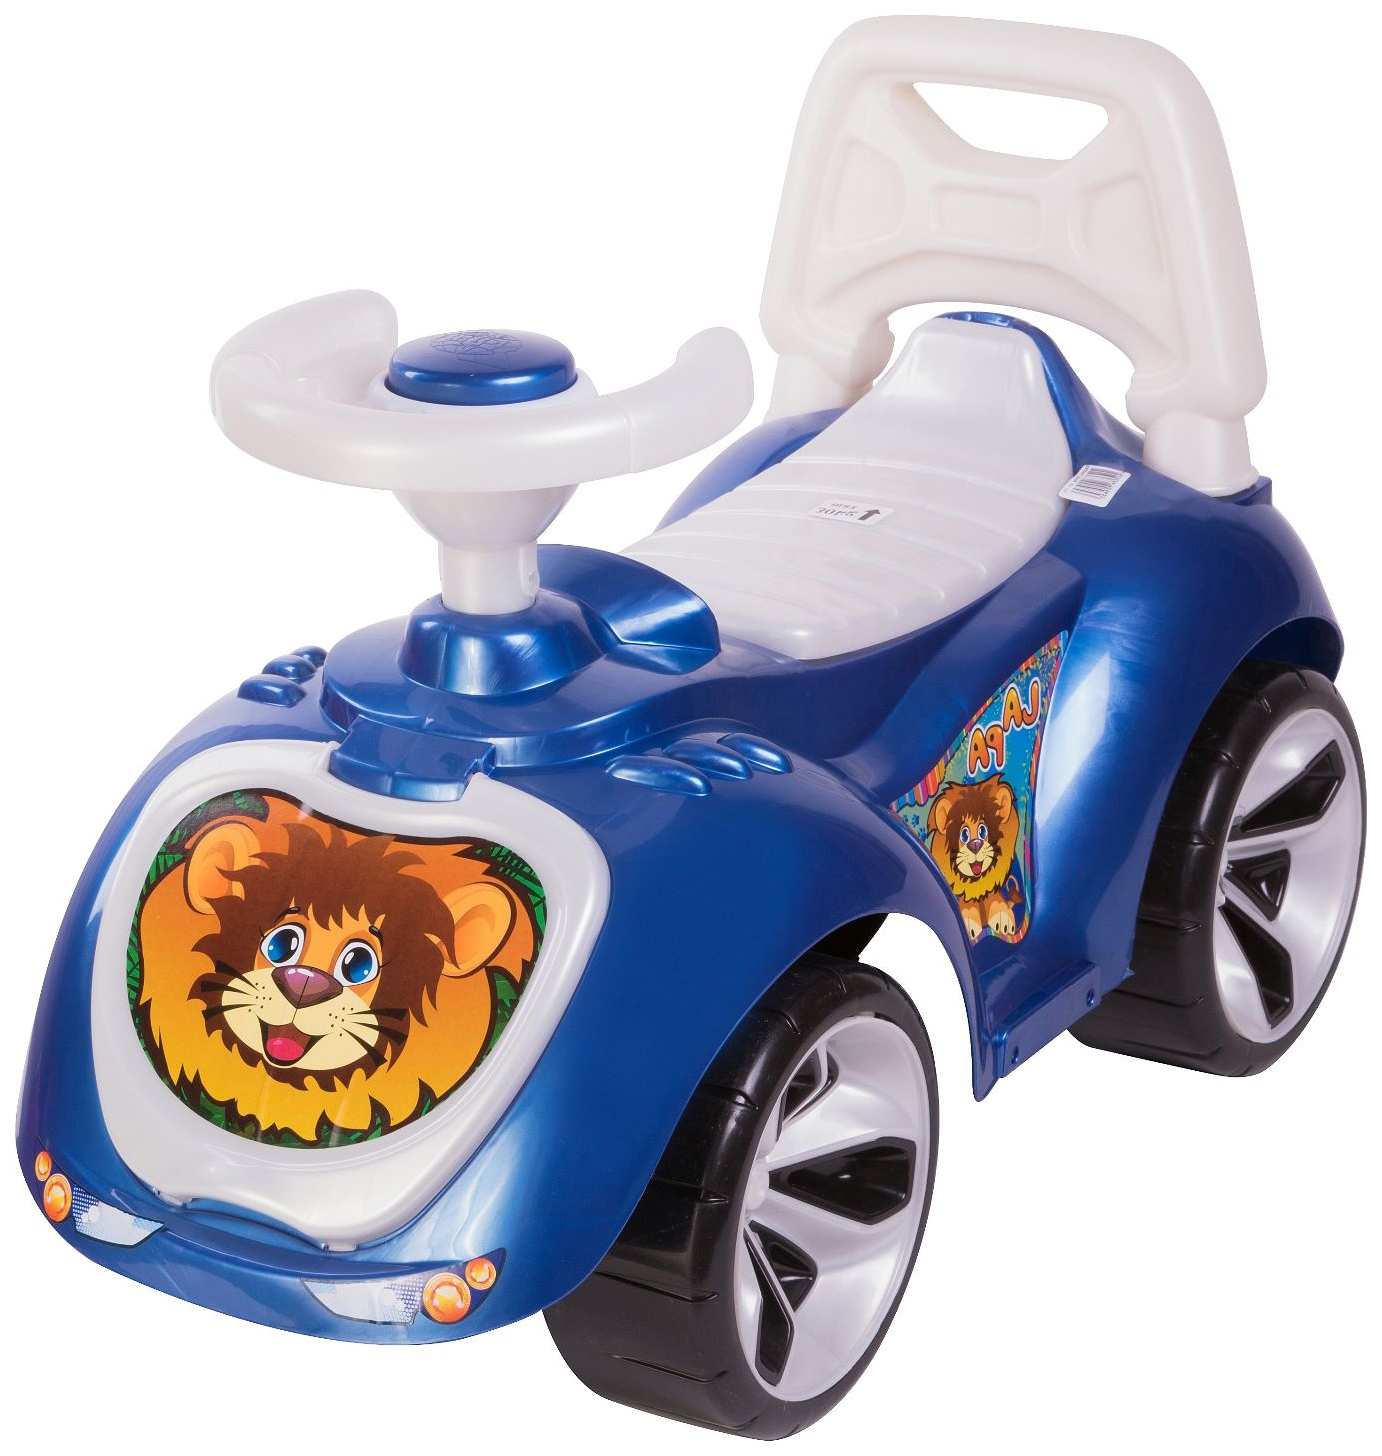 Купить Каталка детская Orion toys Машина PAW ультрамарин, Машинки каталки